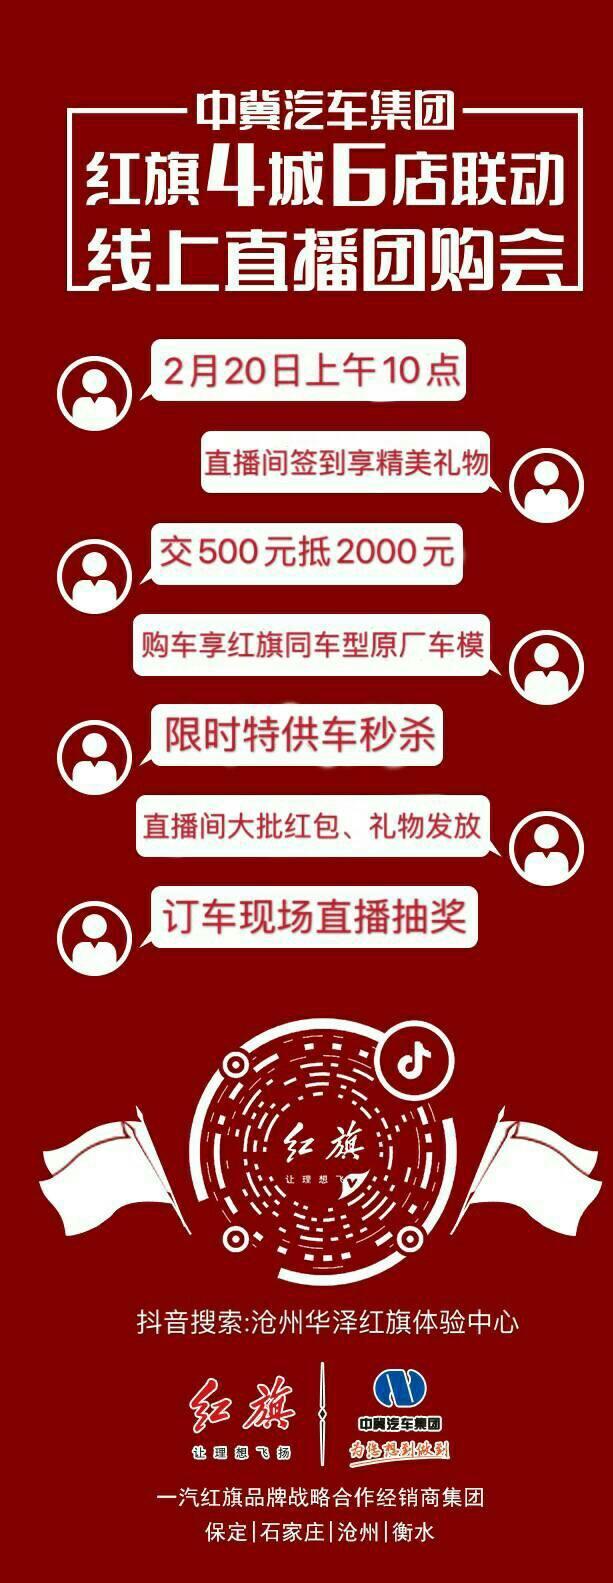 从如家快捷酒店(杭州艮山西路店)到杭州萧山国际机场_杭州抖音爆店码_杭州70码事件